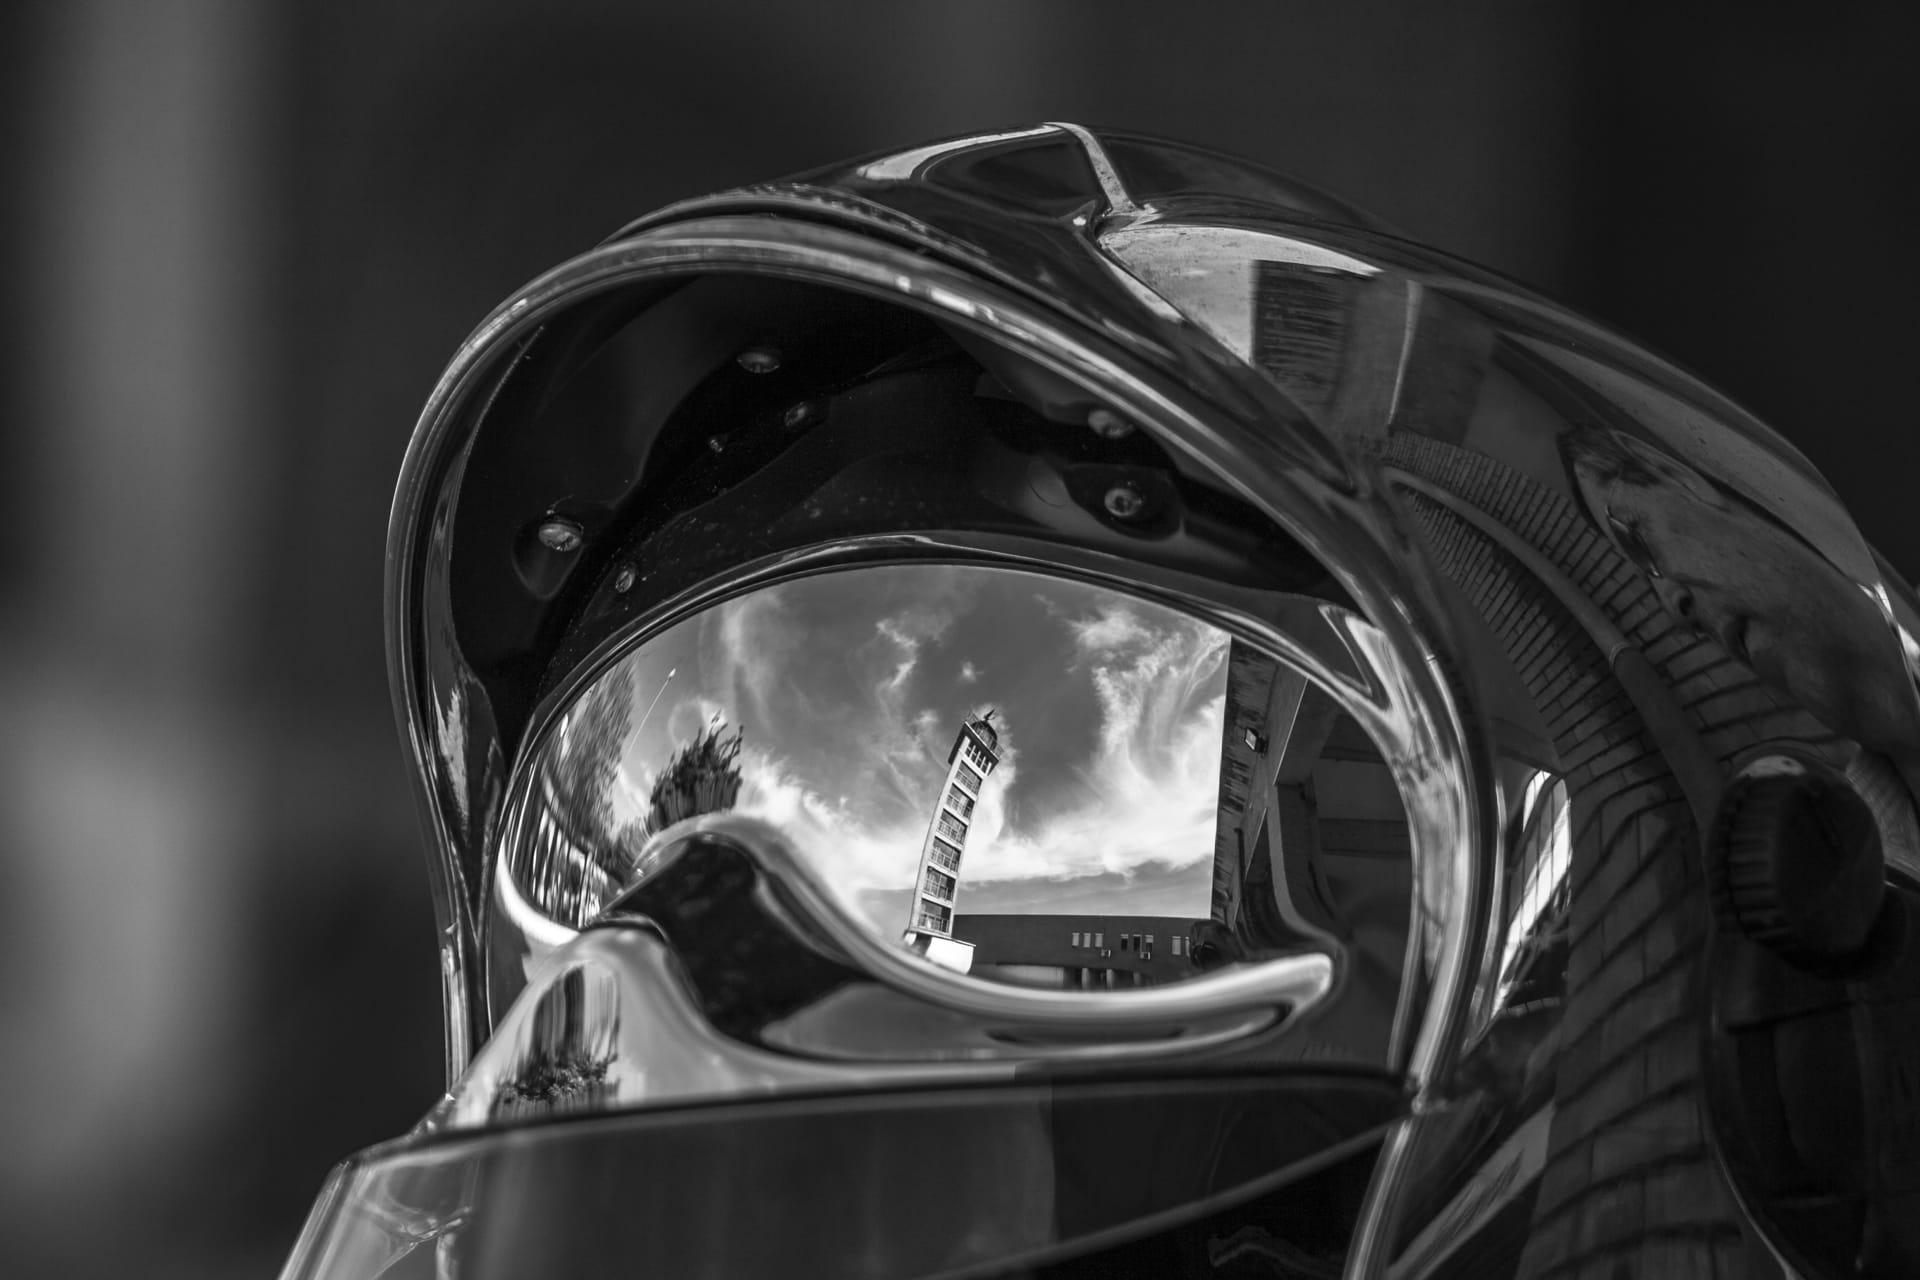 En el casco